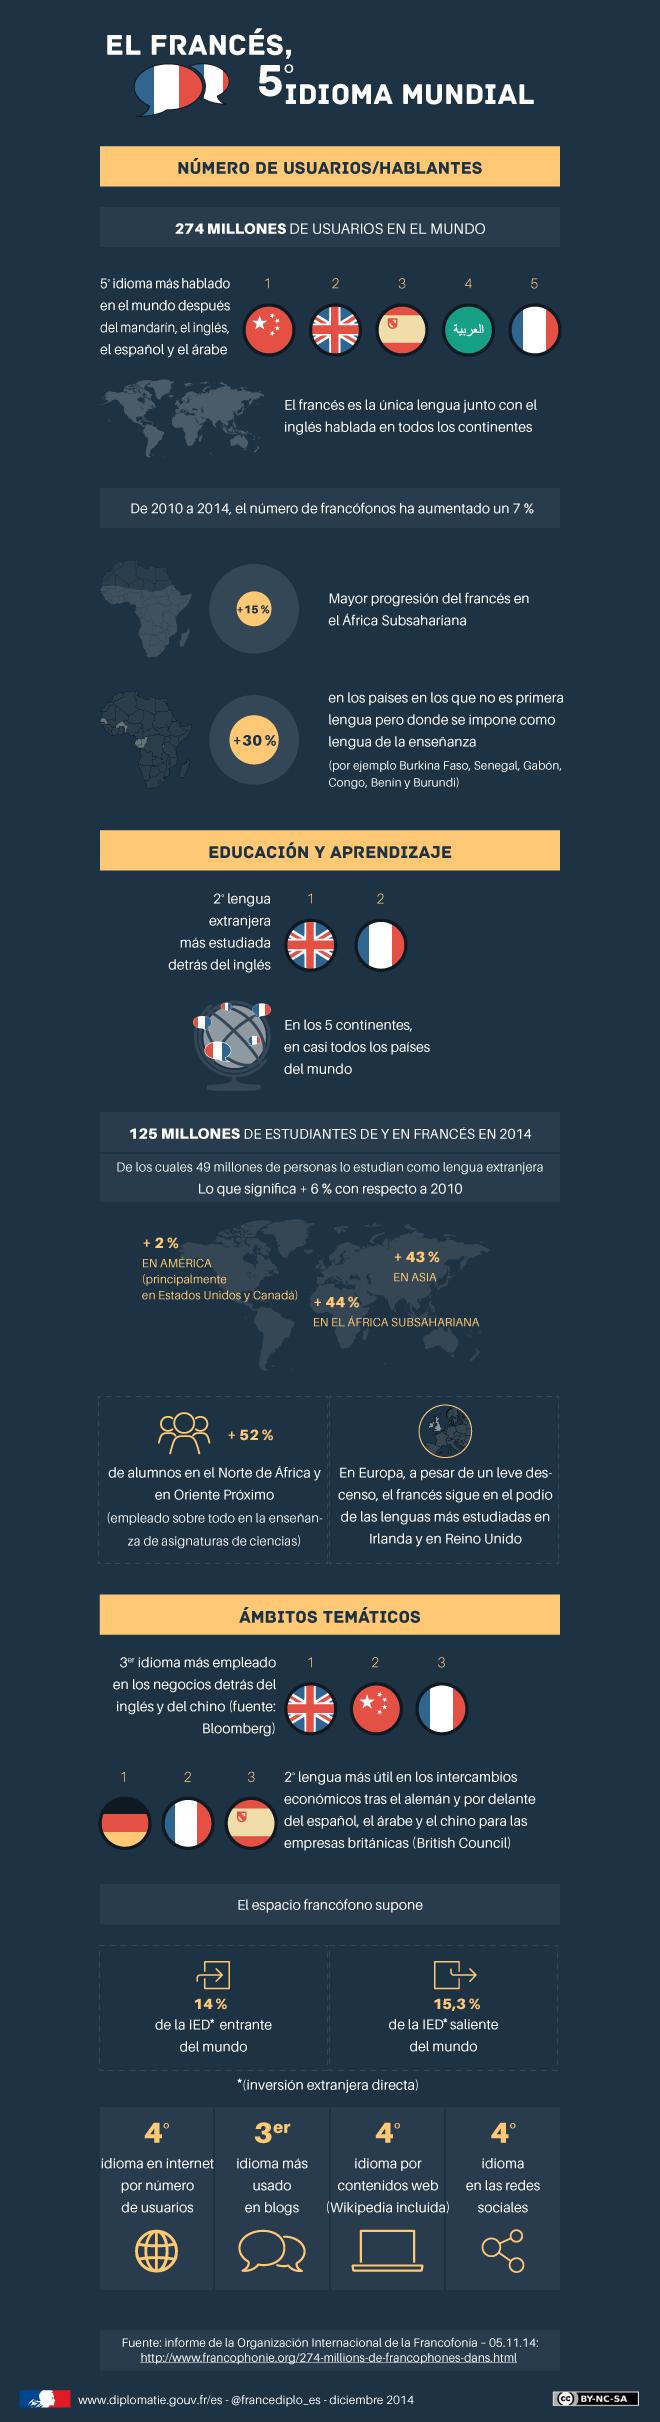 Francophonie_ES.png